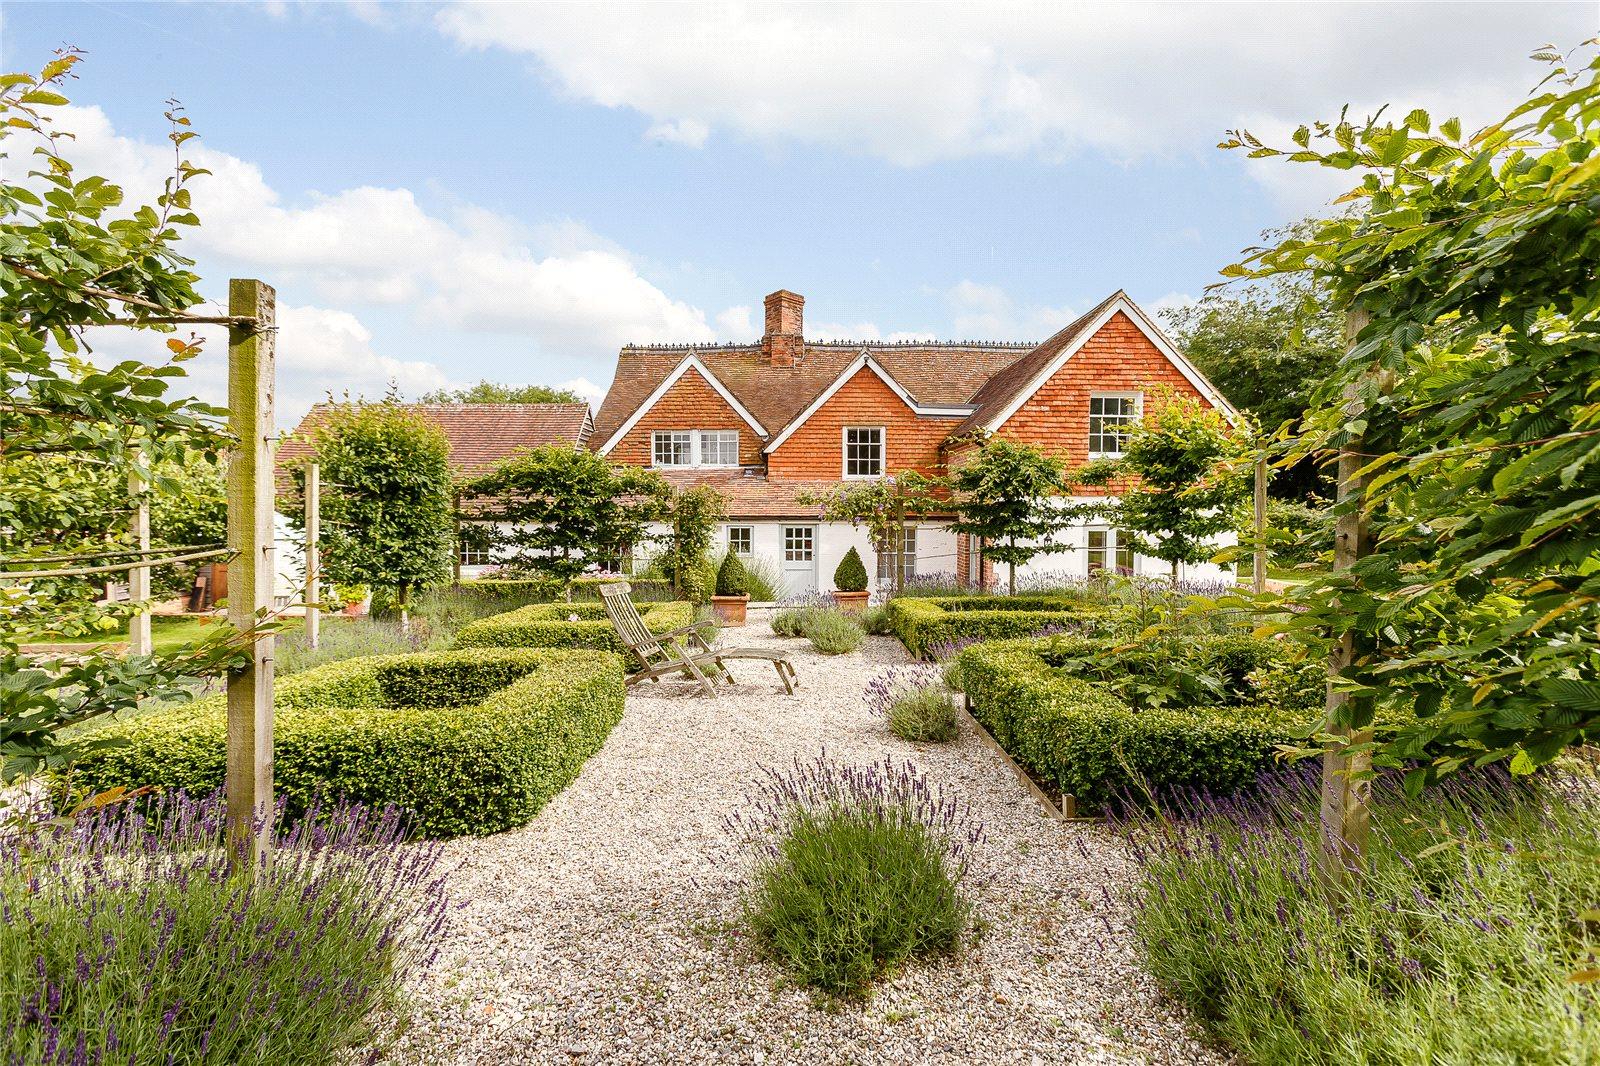 단독 가정 주택 용 매매 에 Gore End, Newbury, Berkshire, RG20 Newbury, 영국